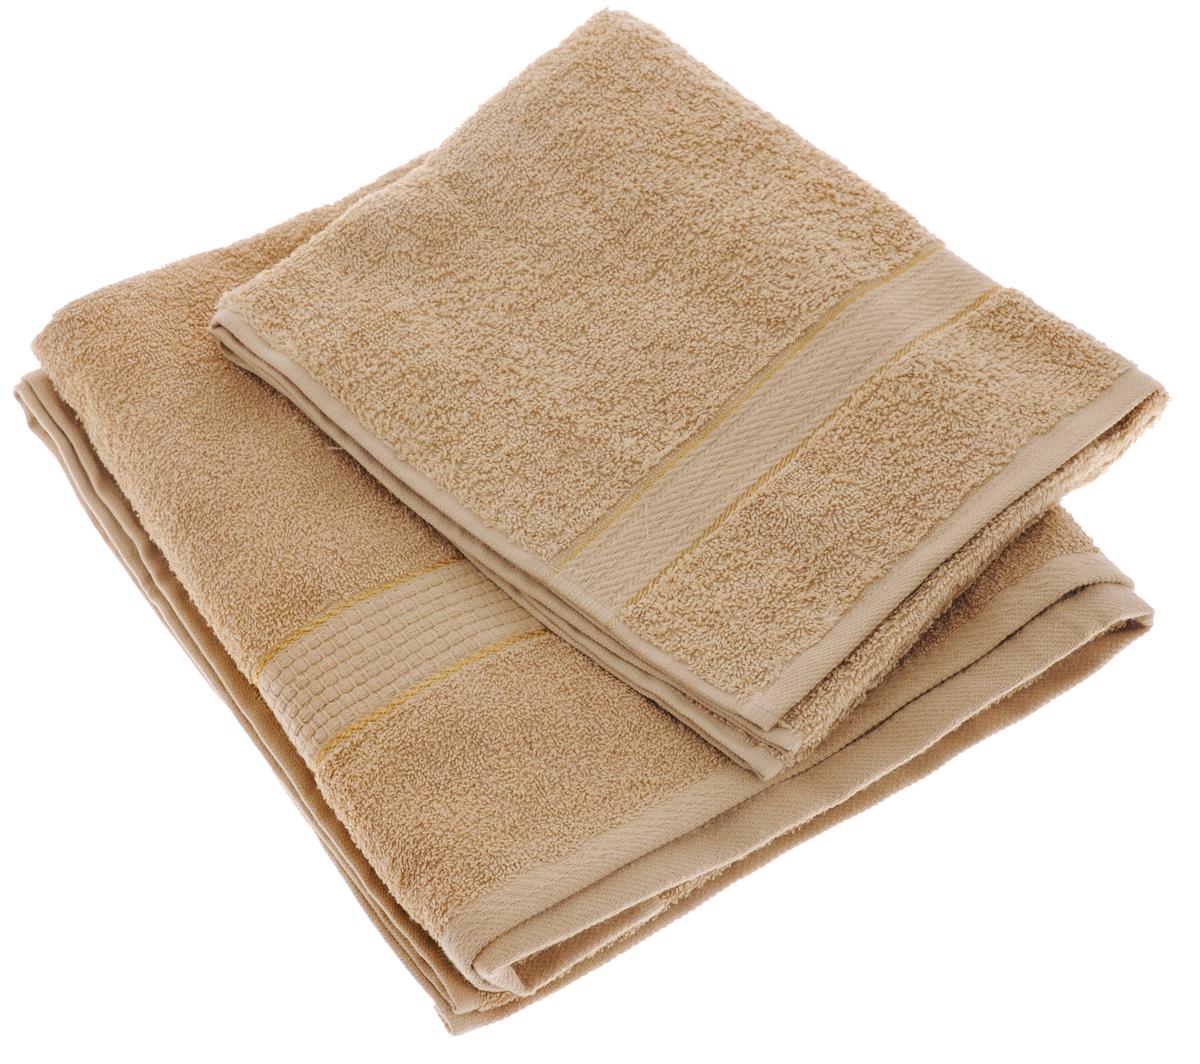 Набор махровых полотенец Aisha Home Textile, цвет: светло-коричневый, 2 шт. УзТ-НПМ-102УзТ-НПМ-102-23Набор Aisha Home Textile состоит из двух махровых полотенец разного размера. В состав входит только натуральное волокно - 100% хлопок. Лаконичные бордюры подойдут для любого интерьера ванной комнаты. Полотенца прекрасно впитывают влагу и быстро сохнут. При соблюдении рекомендаций по уходу не линяют и не теряют форму даже после многократных стирок. Комплектация: 2 шт.